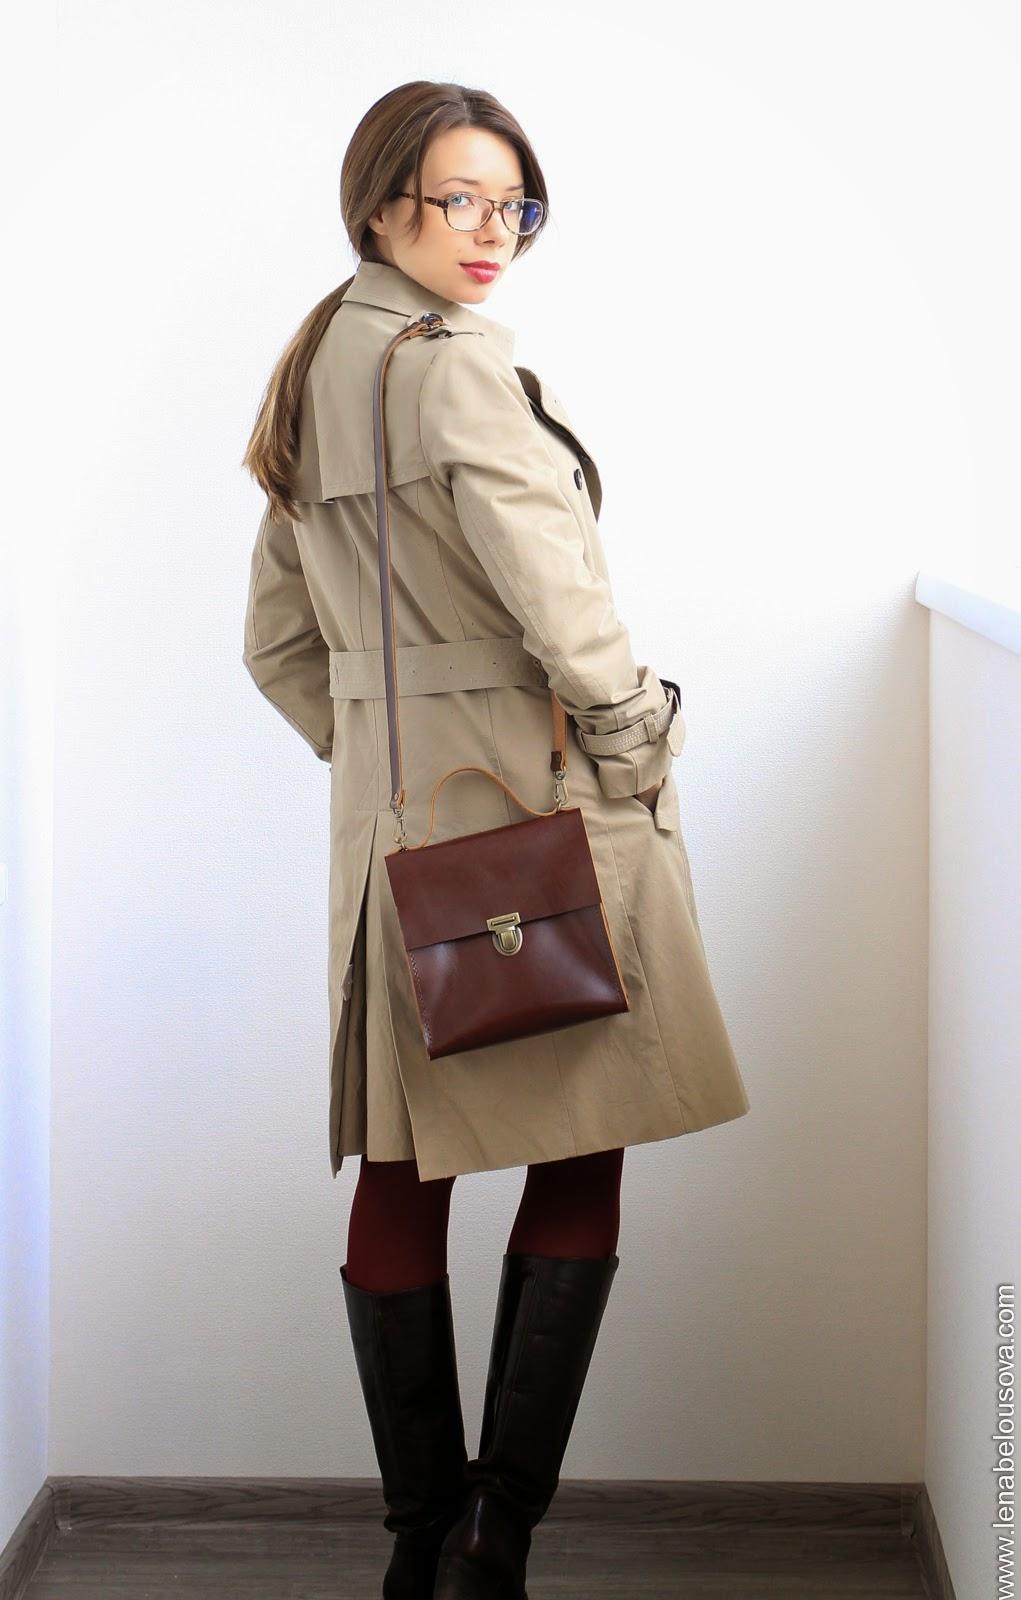 удобная женская сумка